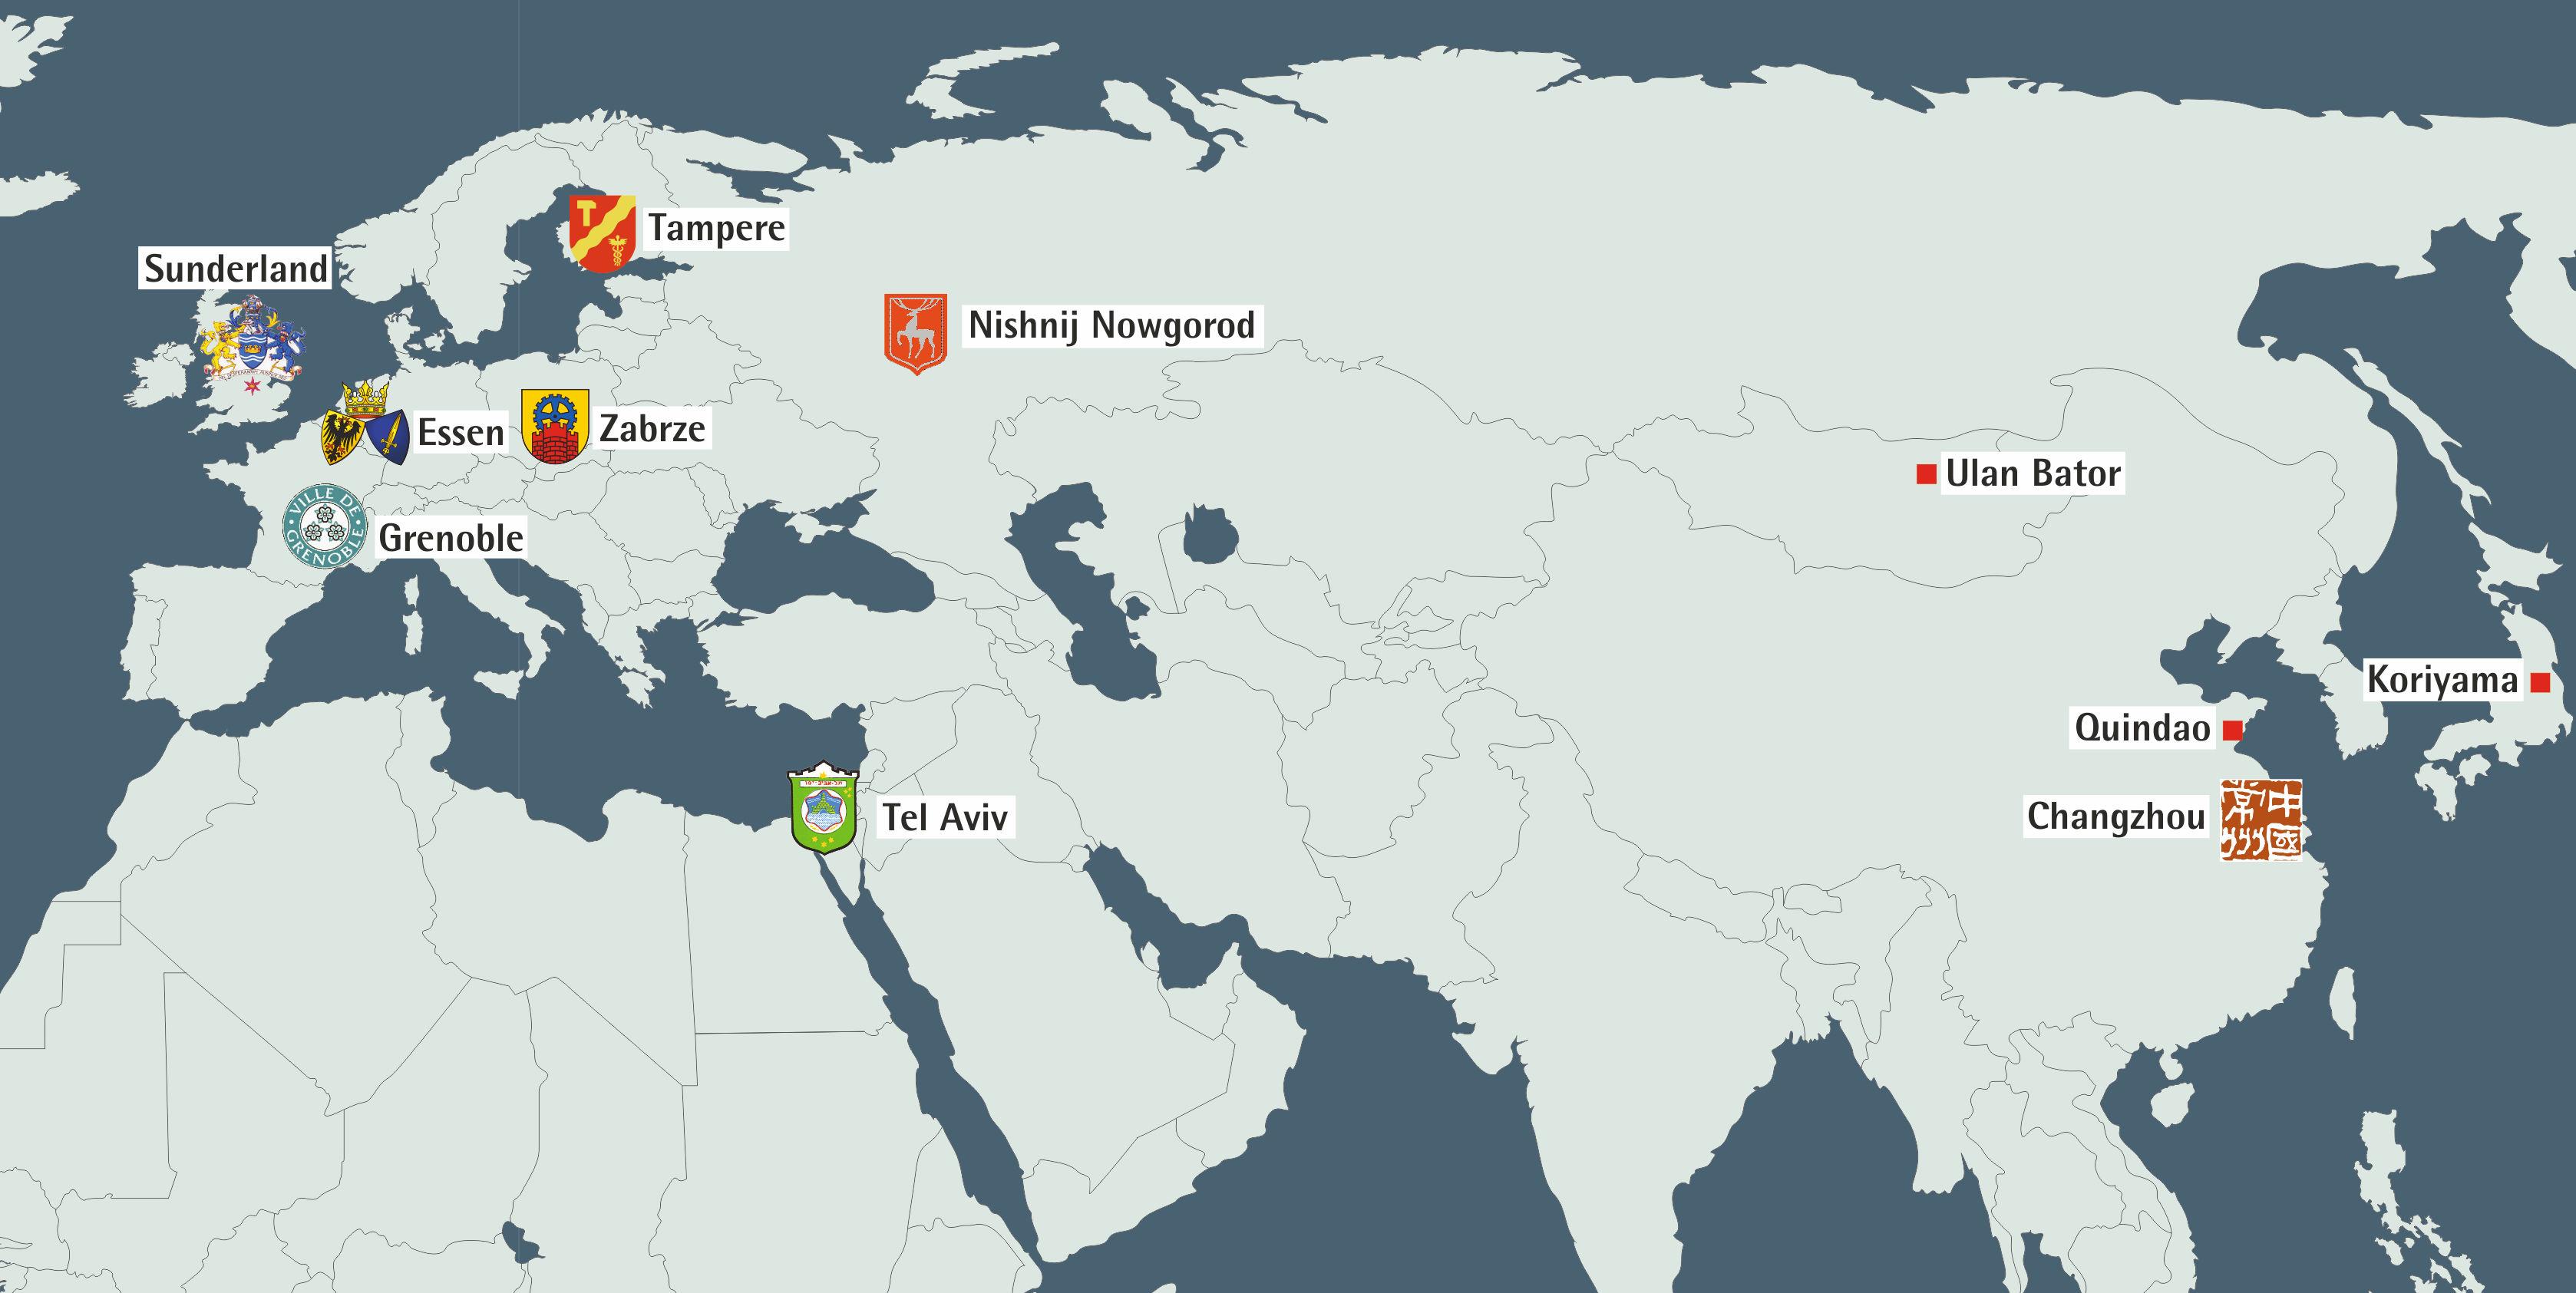 Grafik: Weltkarte